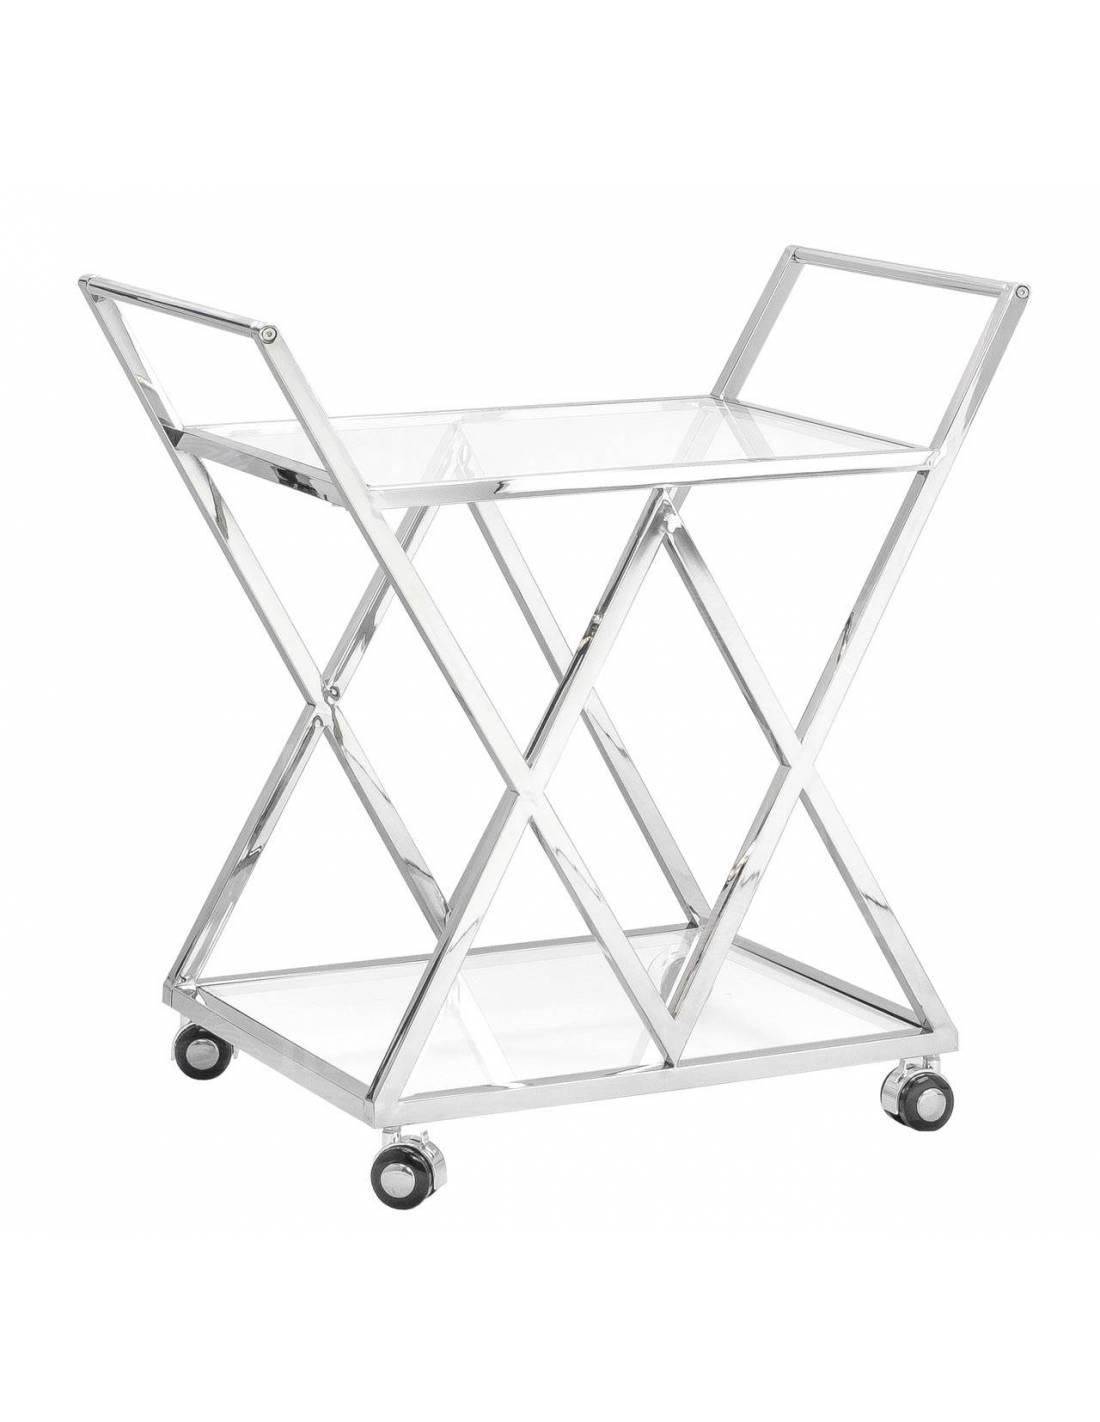 Metalowy chromowany wózek kelnerski barek ze szklanymi blatami